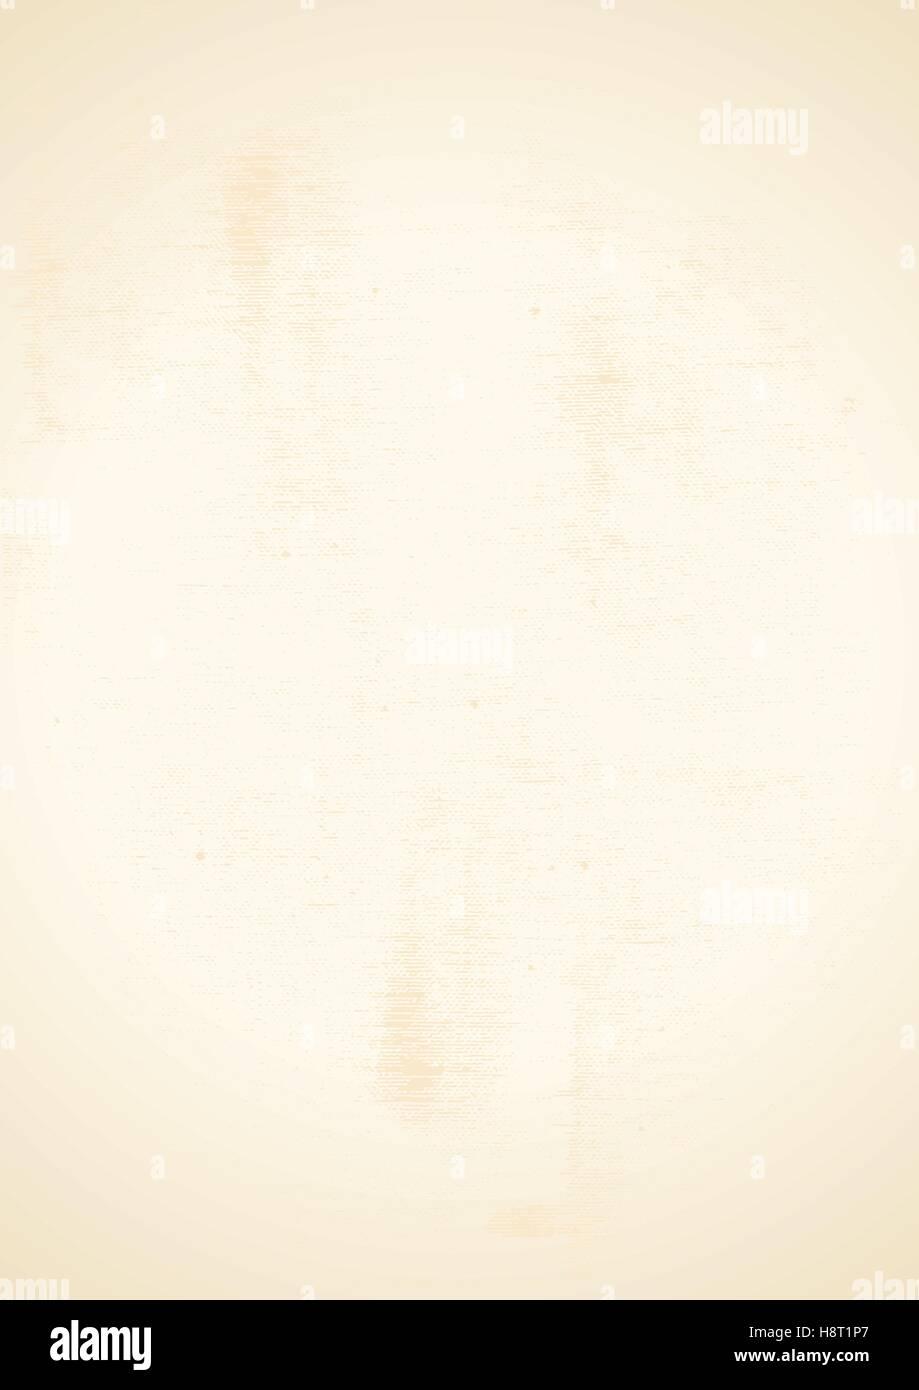 Vettore, illustrazione di A4 foglio del foglio di carta. E Grunge stile usurato. Immagini Stock